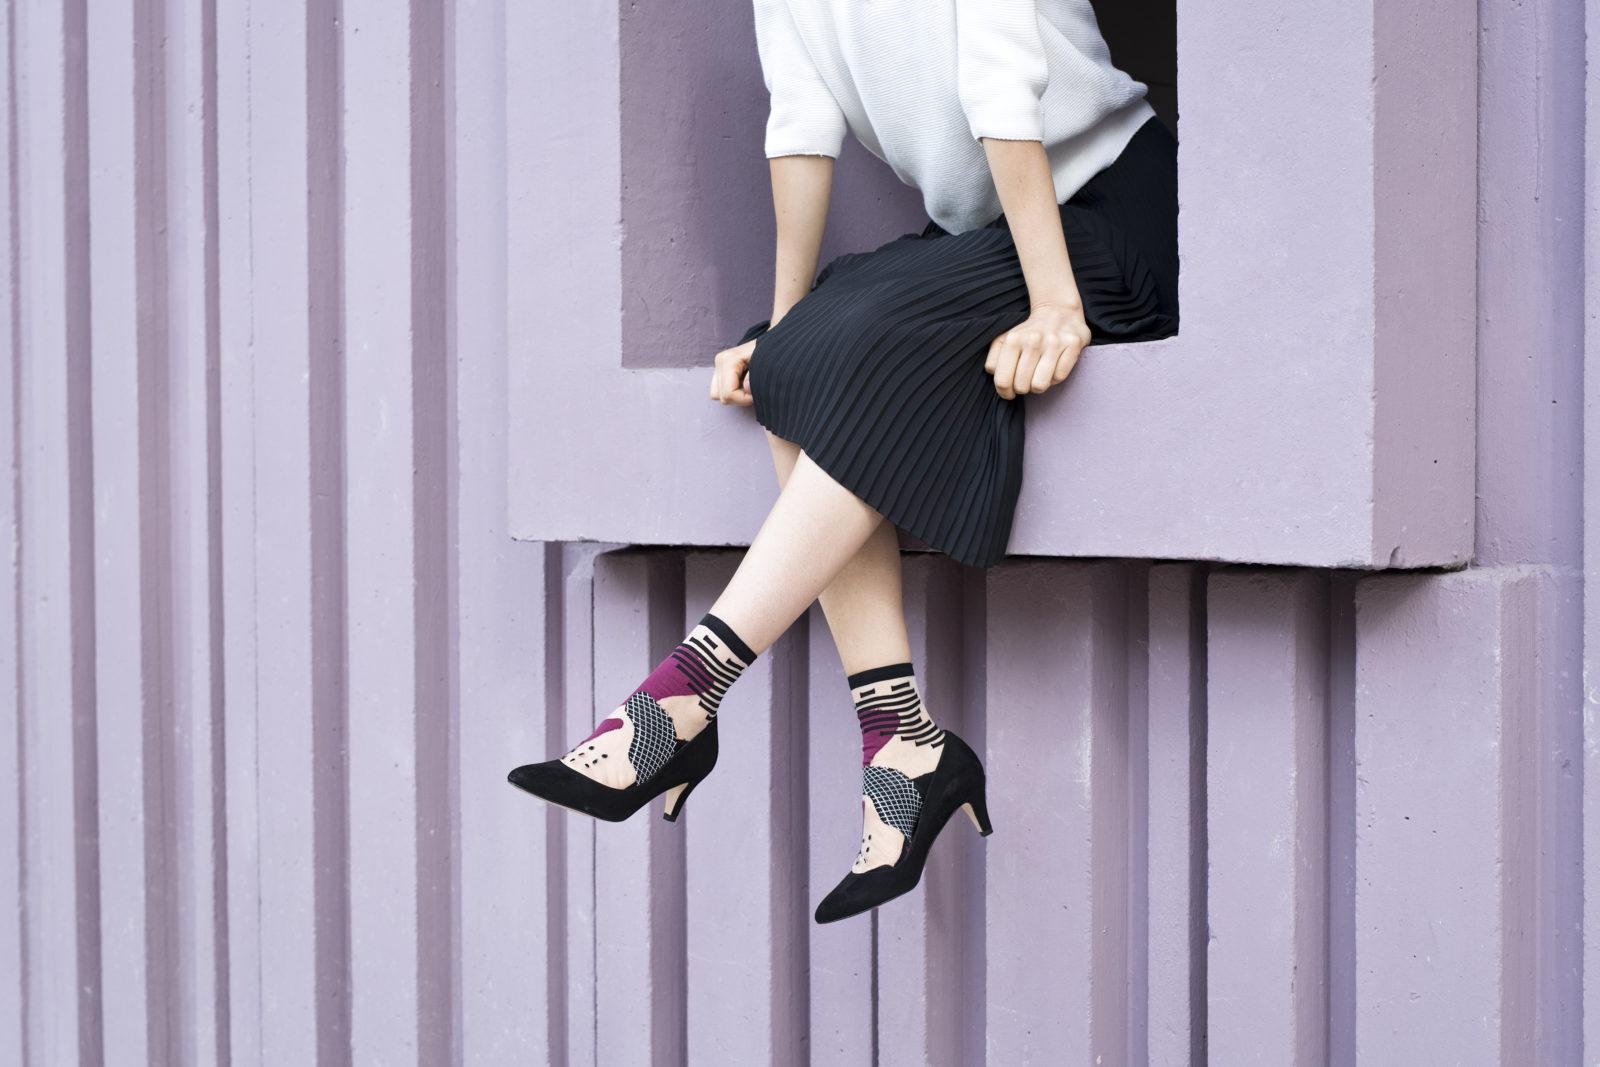 Virginie Zilbermann, photographe, chaussettes, Atelier St Eustache, Shooting photo professionnel Avignon, Photo créateur, marque française, mode